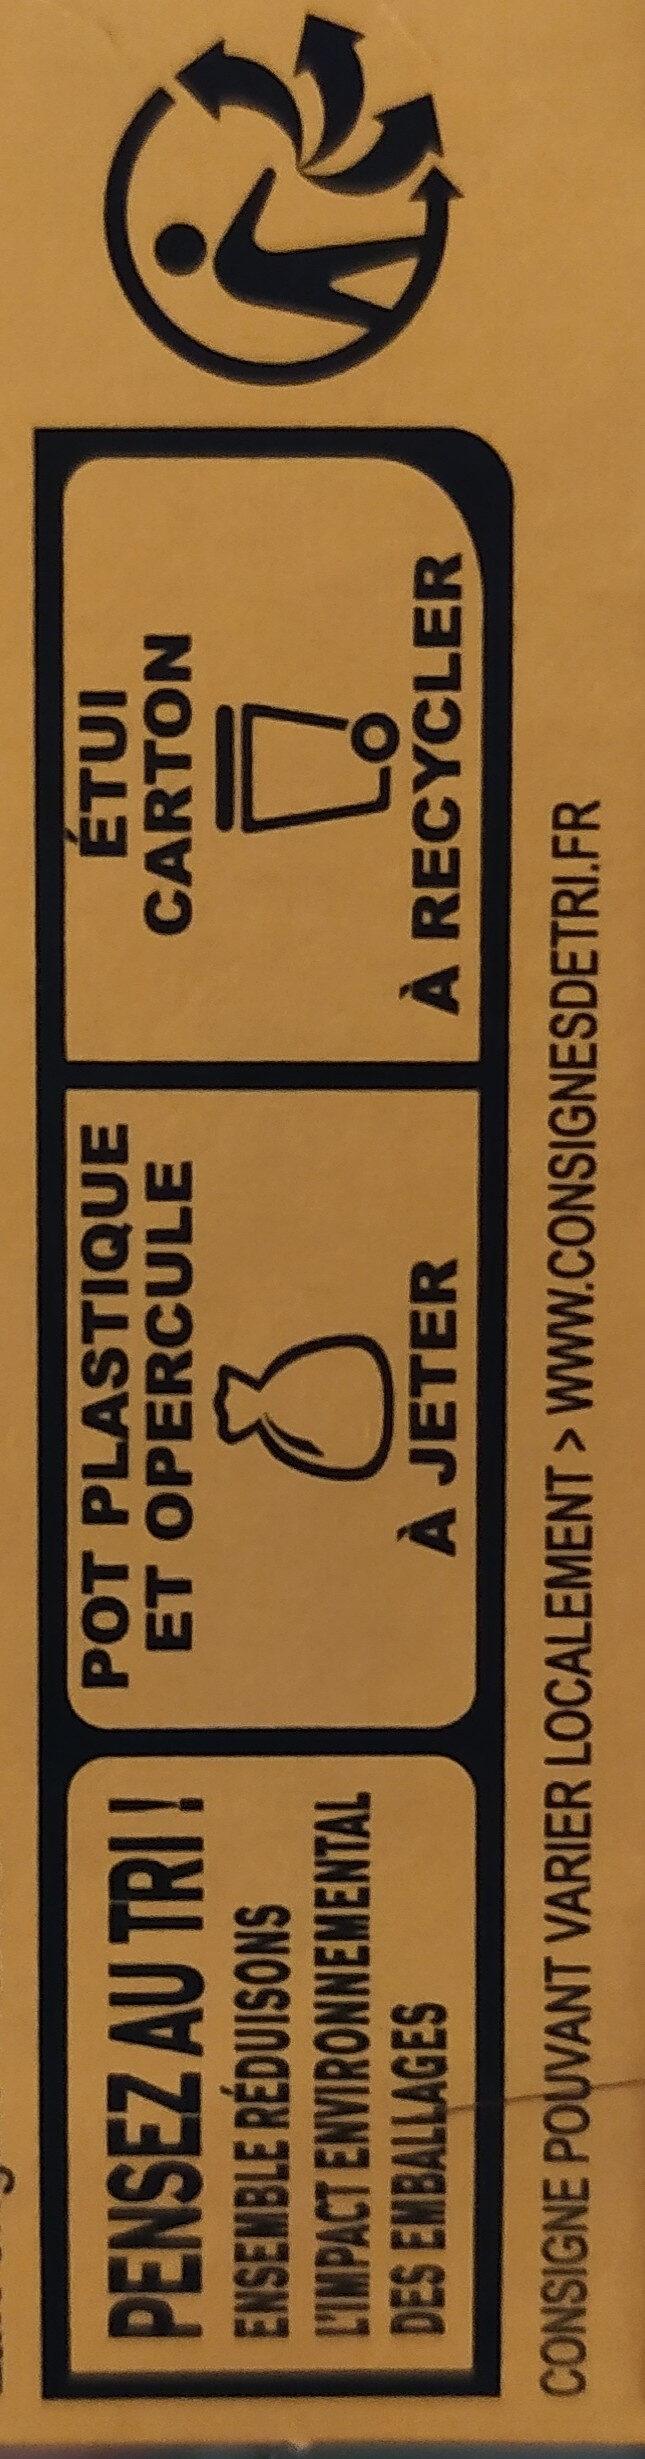 La Laitière Frais et Fondant Caramel au beurre salé 4 x 115 g - Recyclinginstructies en / of verpakkingsinformatie - fr